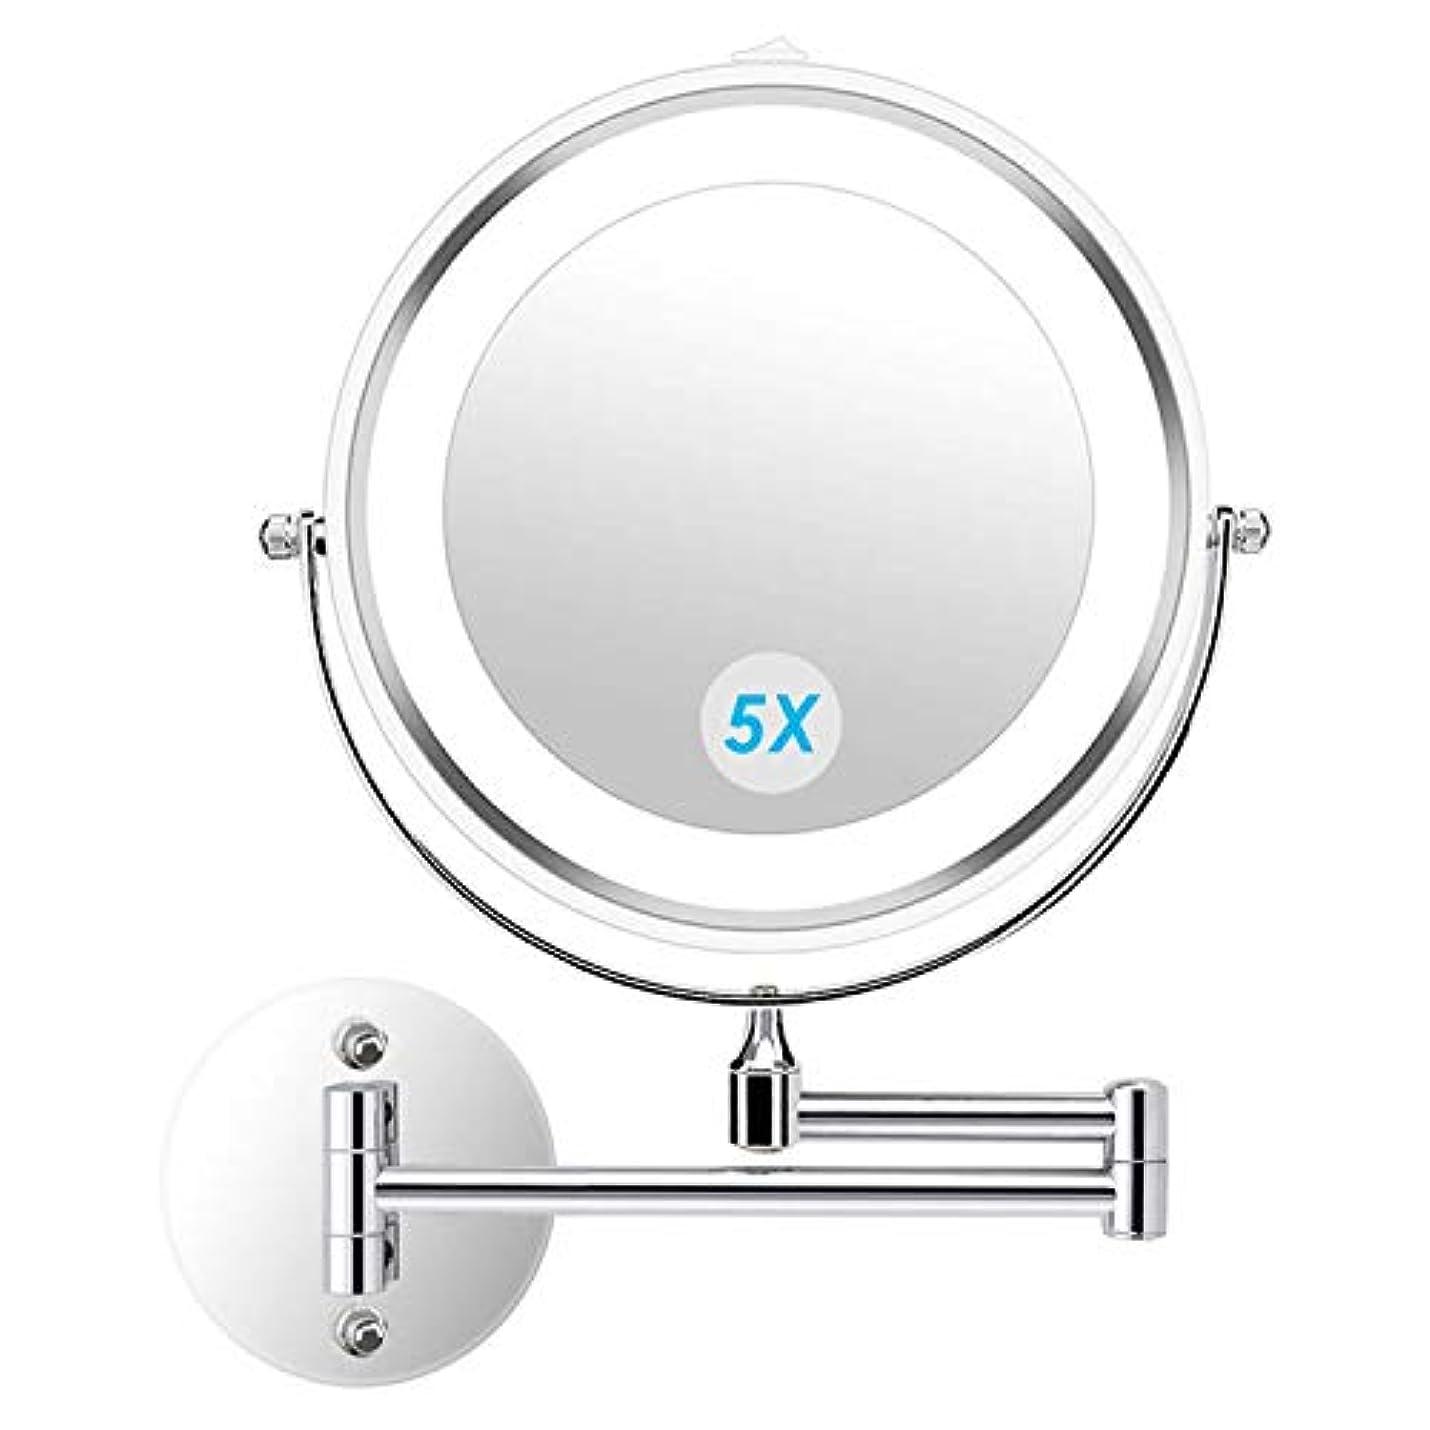 清めるタップに付けるalvorog 壁掛け化粧鏡 4個 電池で駆動バスルームホテル用照明付き両面5倍 倍率360度 スイベル延長化粧化粧鏡を導きました 7